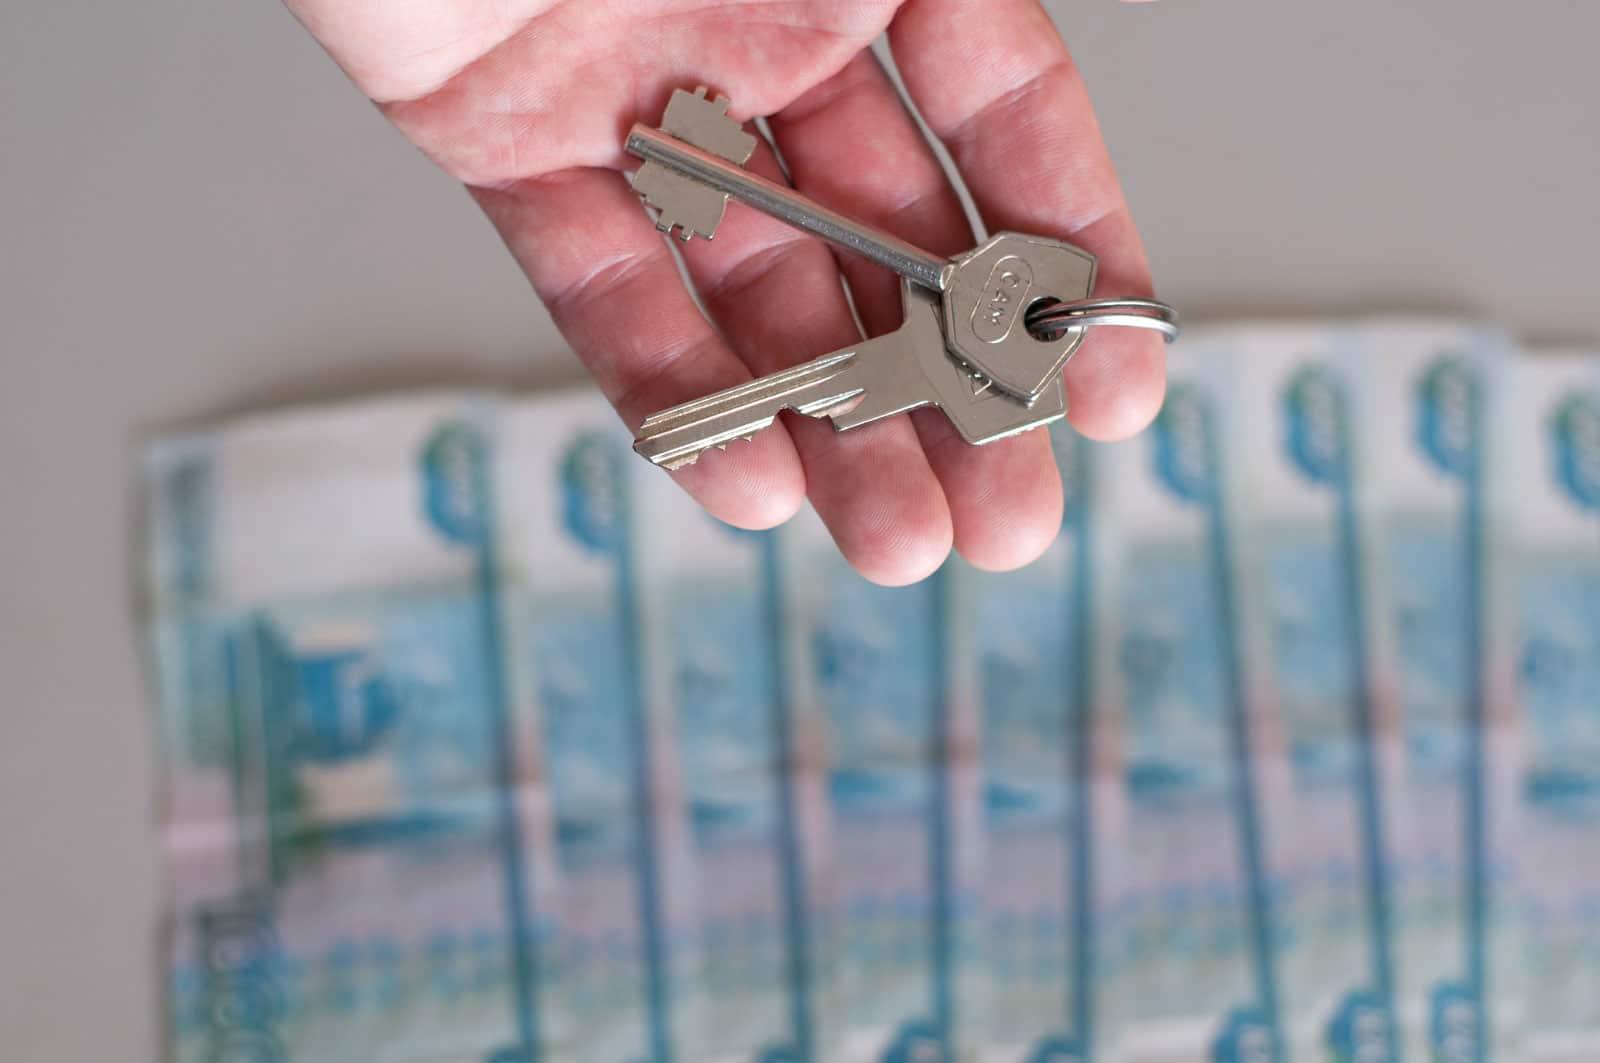 Аренда с последующим правом выкупа: что это, зачем нужно и где применяется?